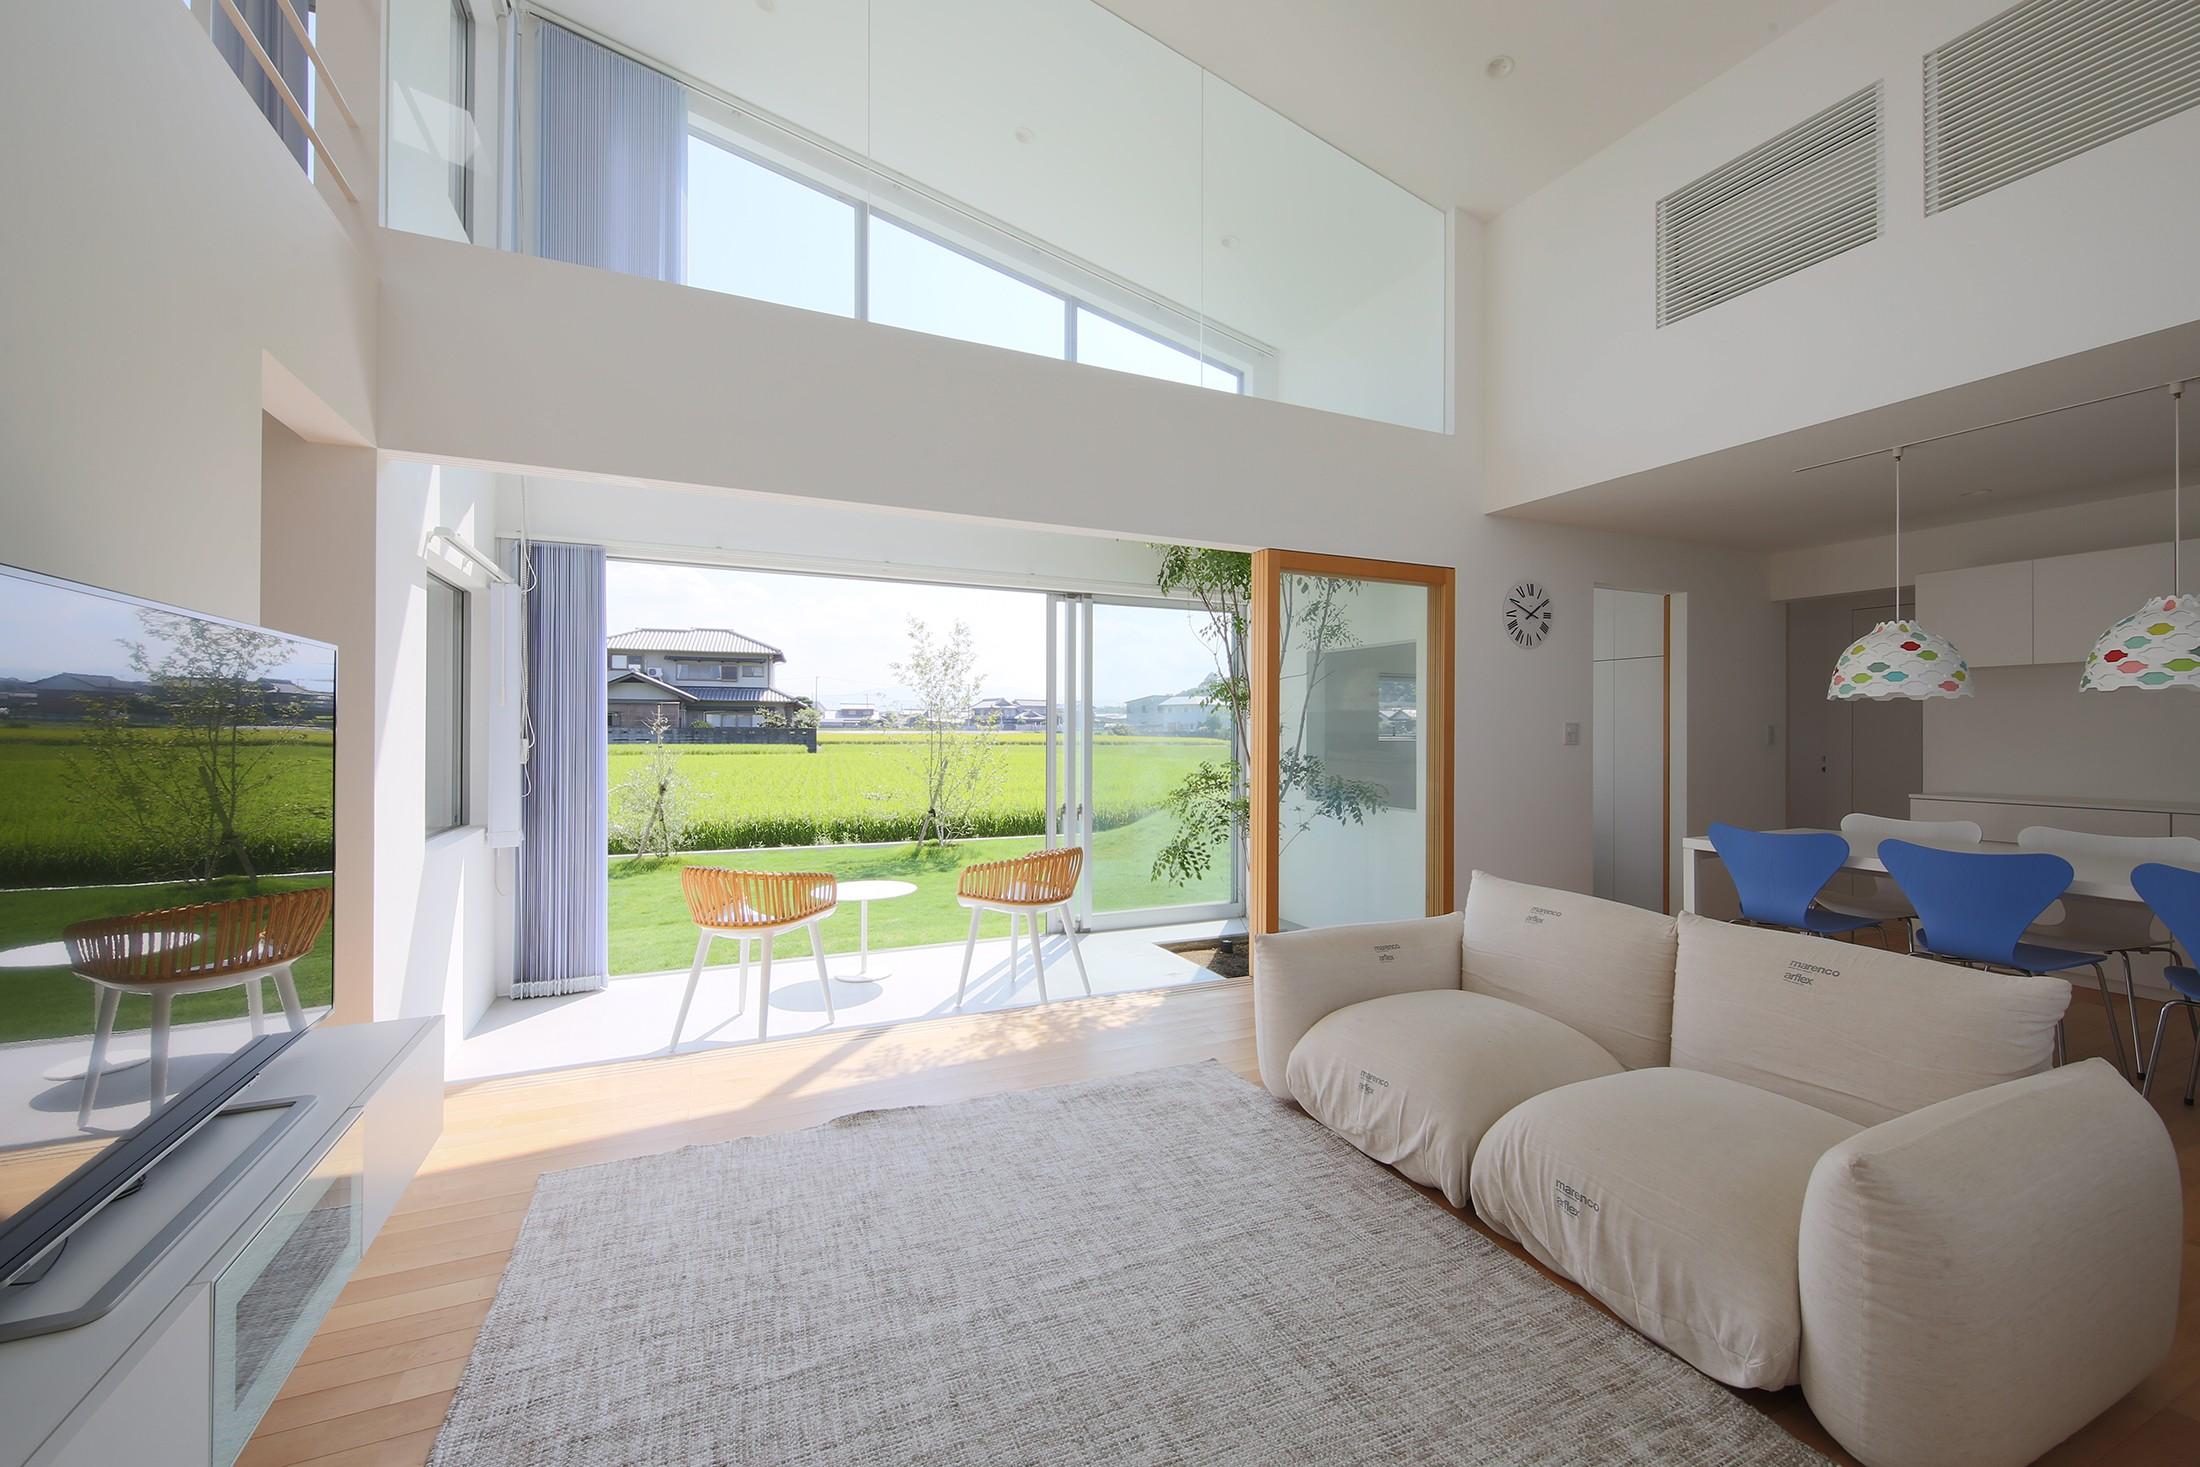 リビングダイニング事例:LDK 03(House in Kawanabe ~緑と共に暮らす家~)